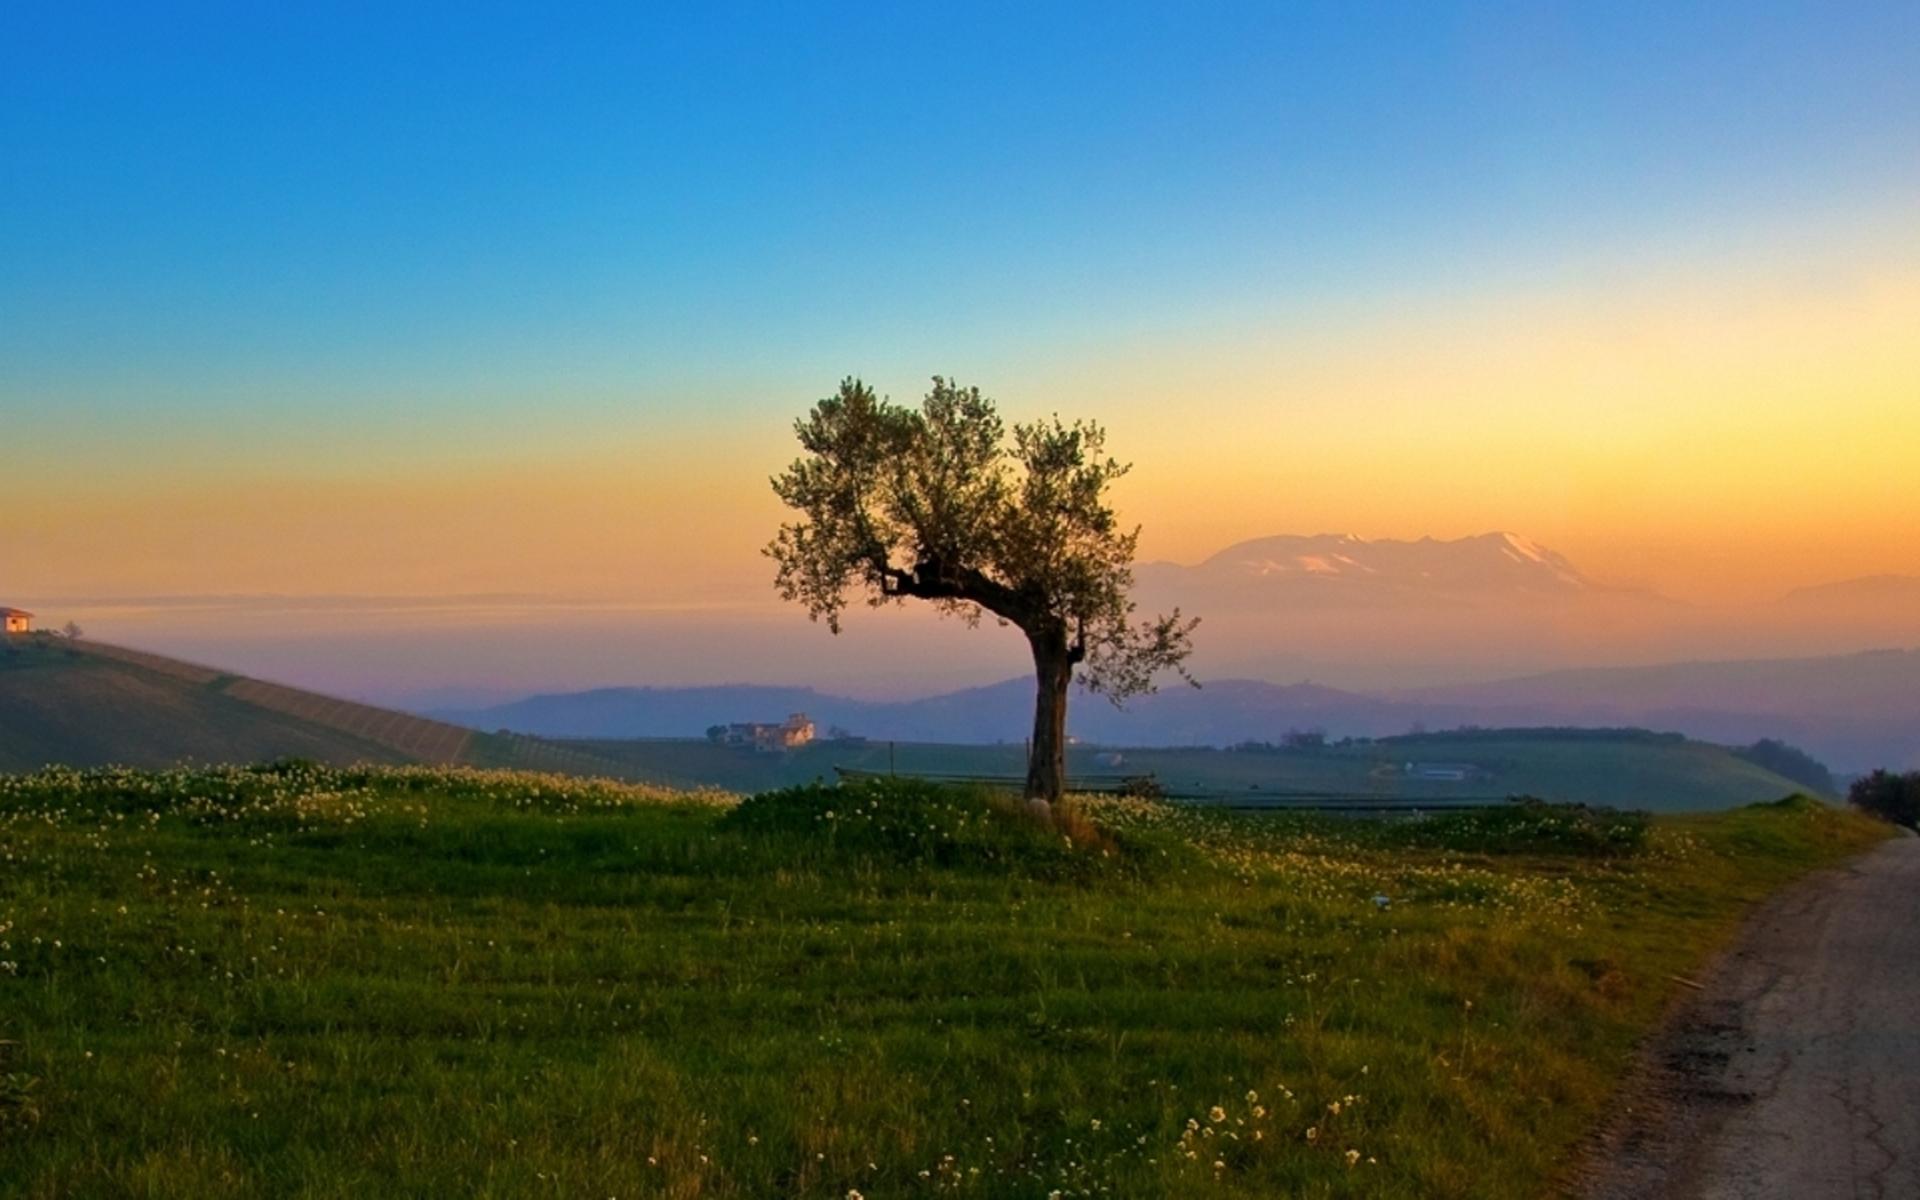 25922 скачать обои Пейзаж, Деревья, Закат, Поля - заставки и картинки бесплатно